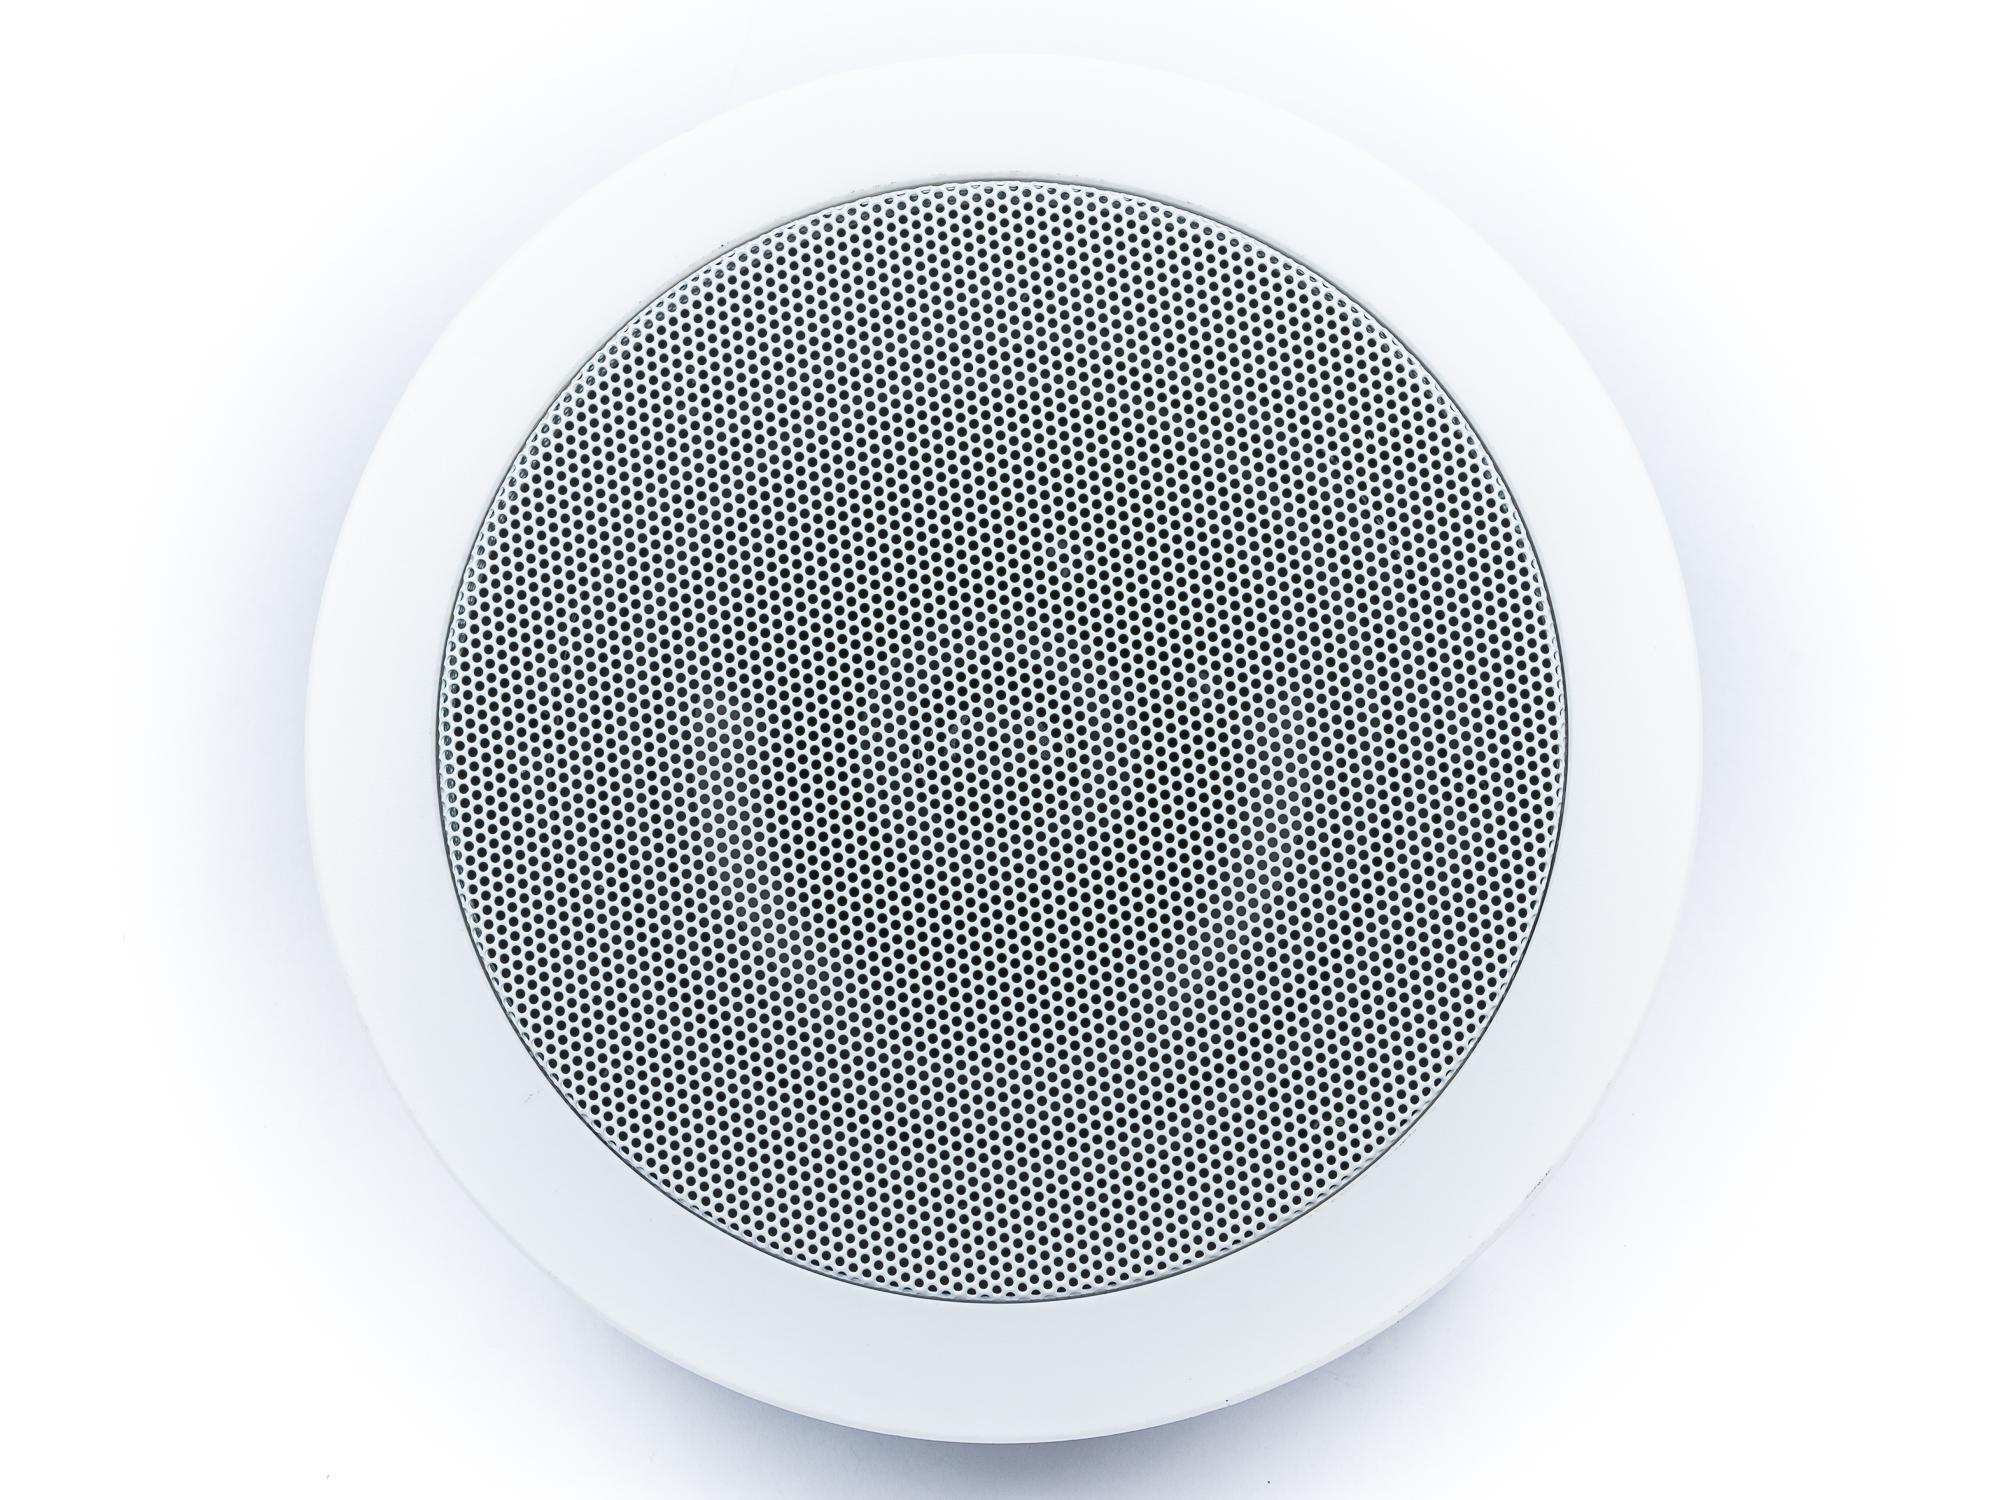 PG Audio DL 52, 2 Wege Decken-Einbaulautsprecher, 60/120 Watt max.weiß, Neu-Ware 001